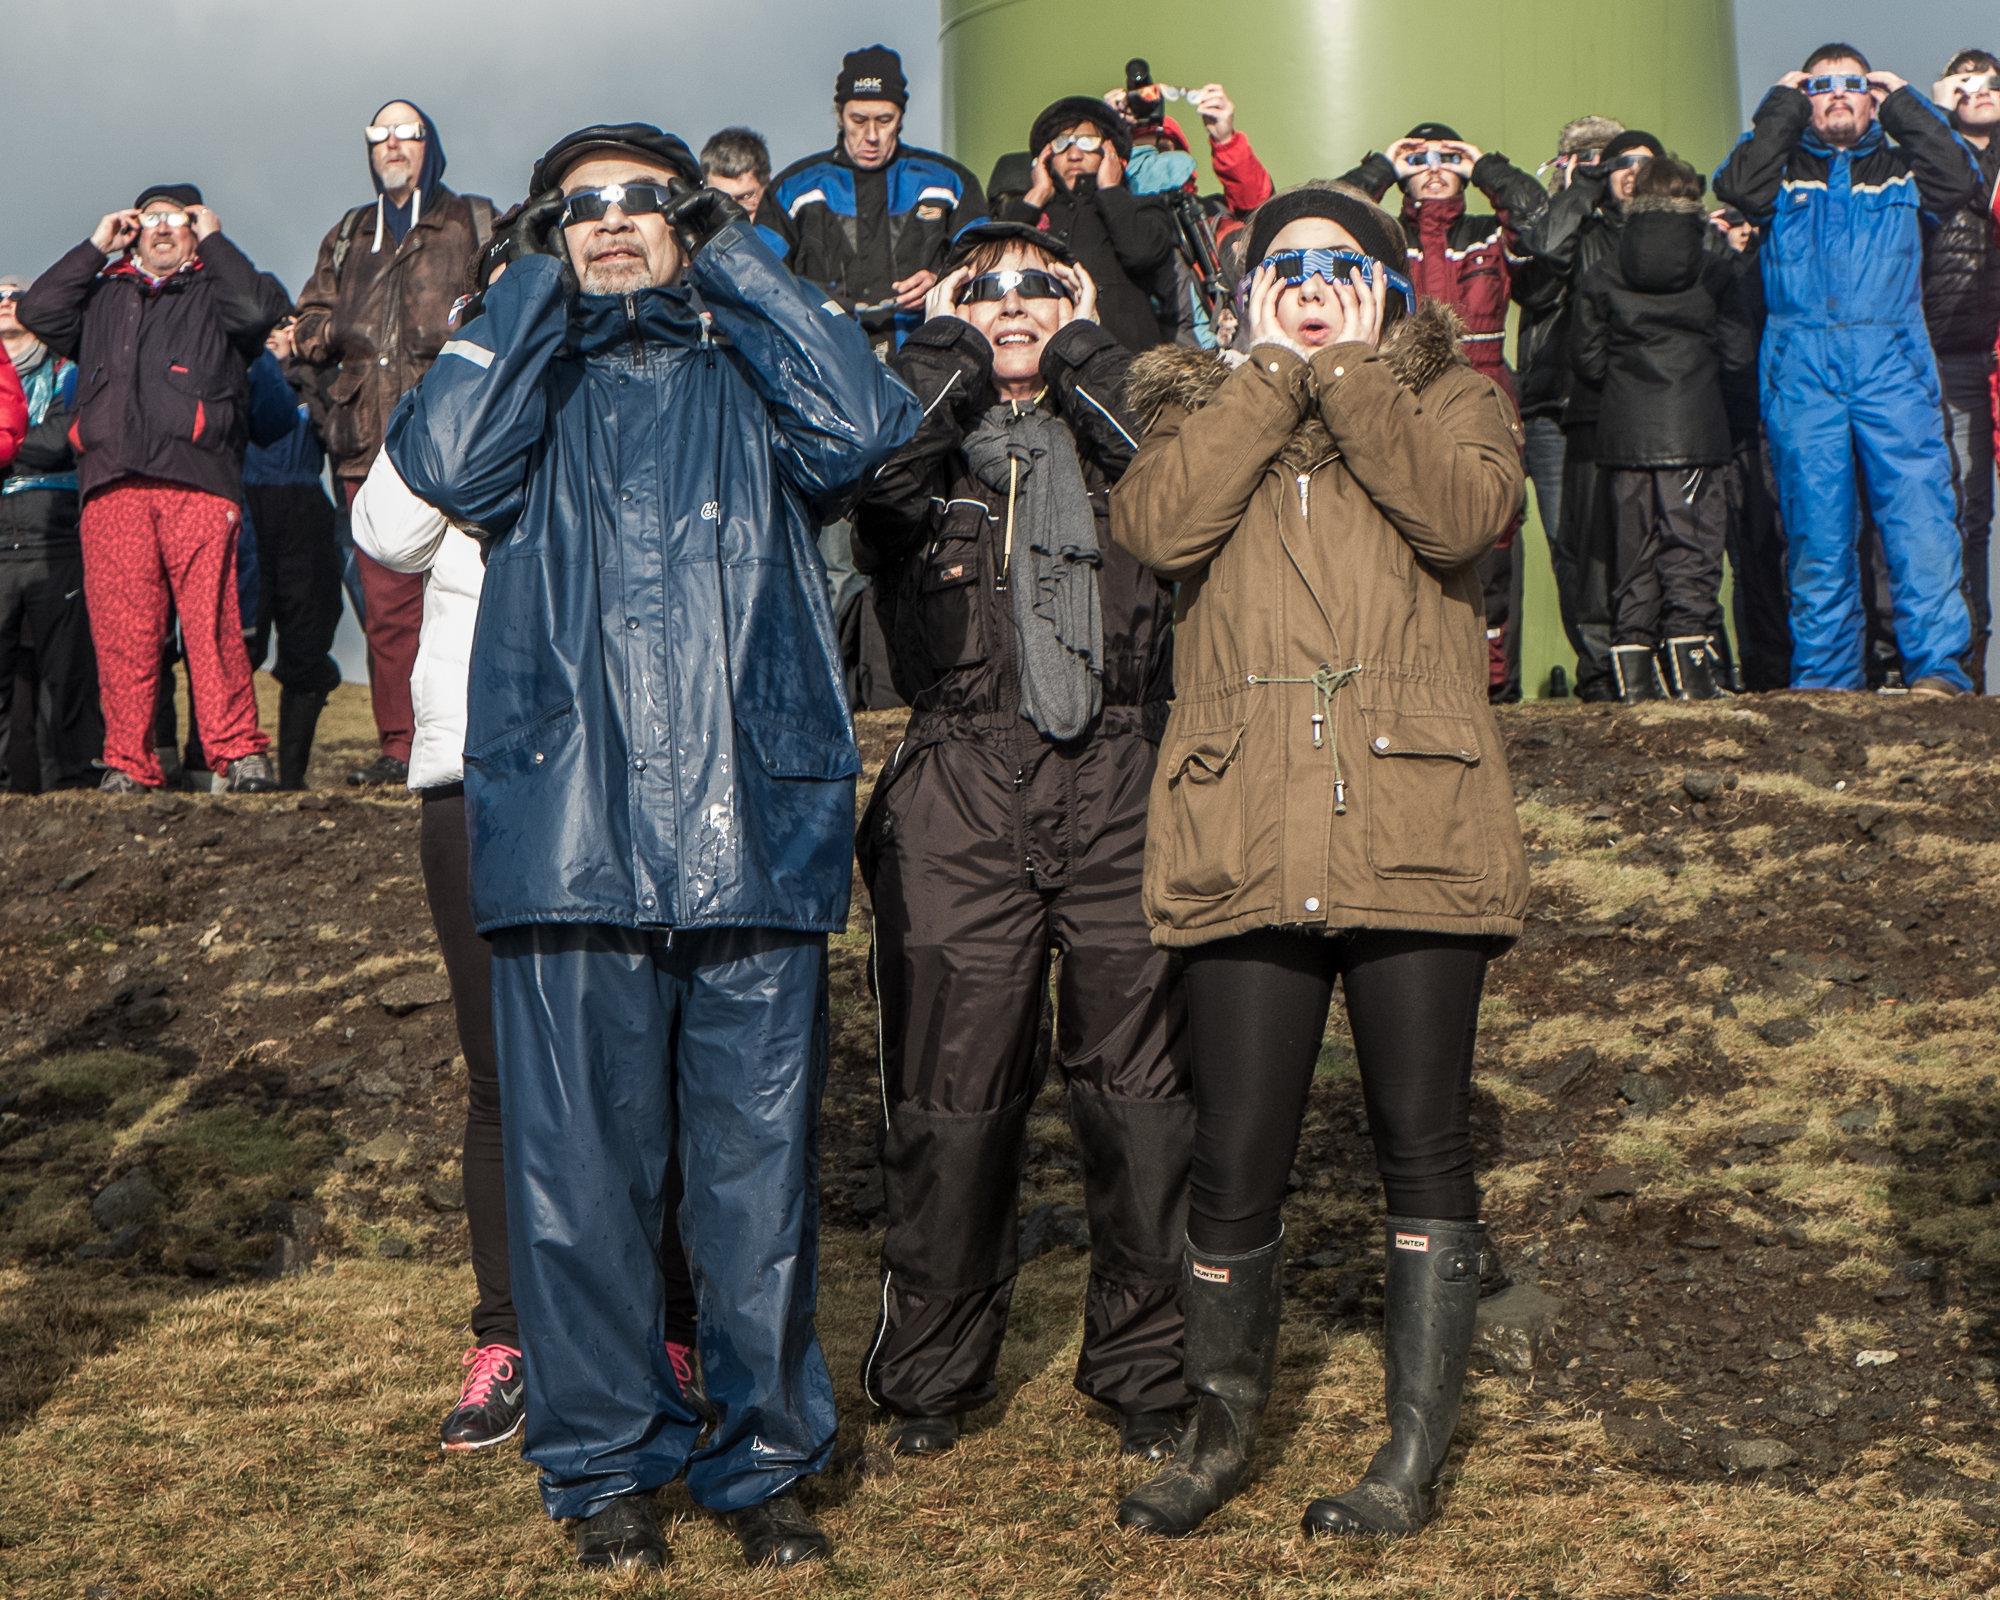 Faroe_Eclipse-9526.JPG